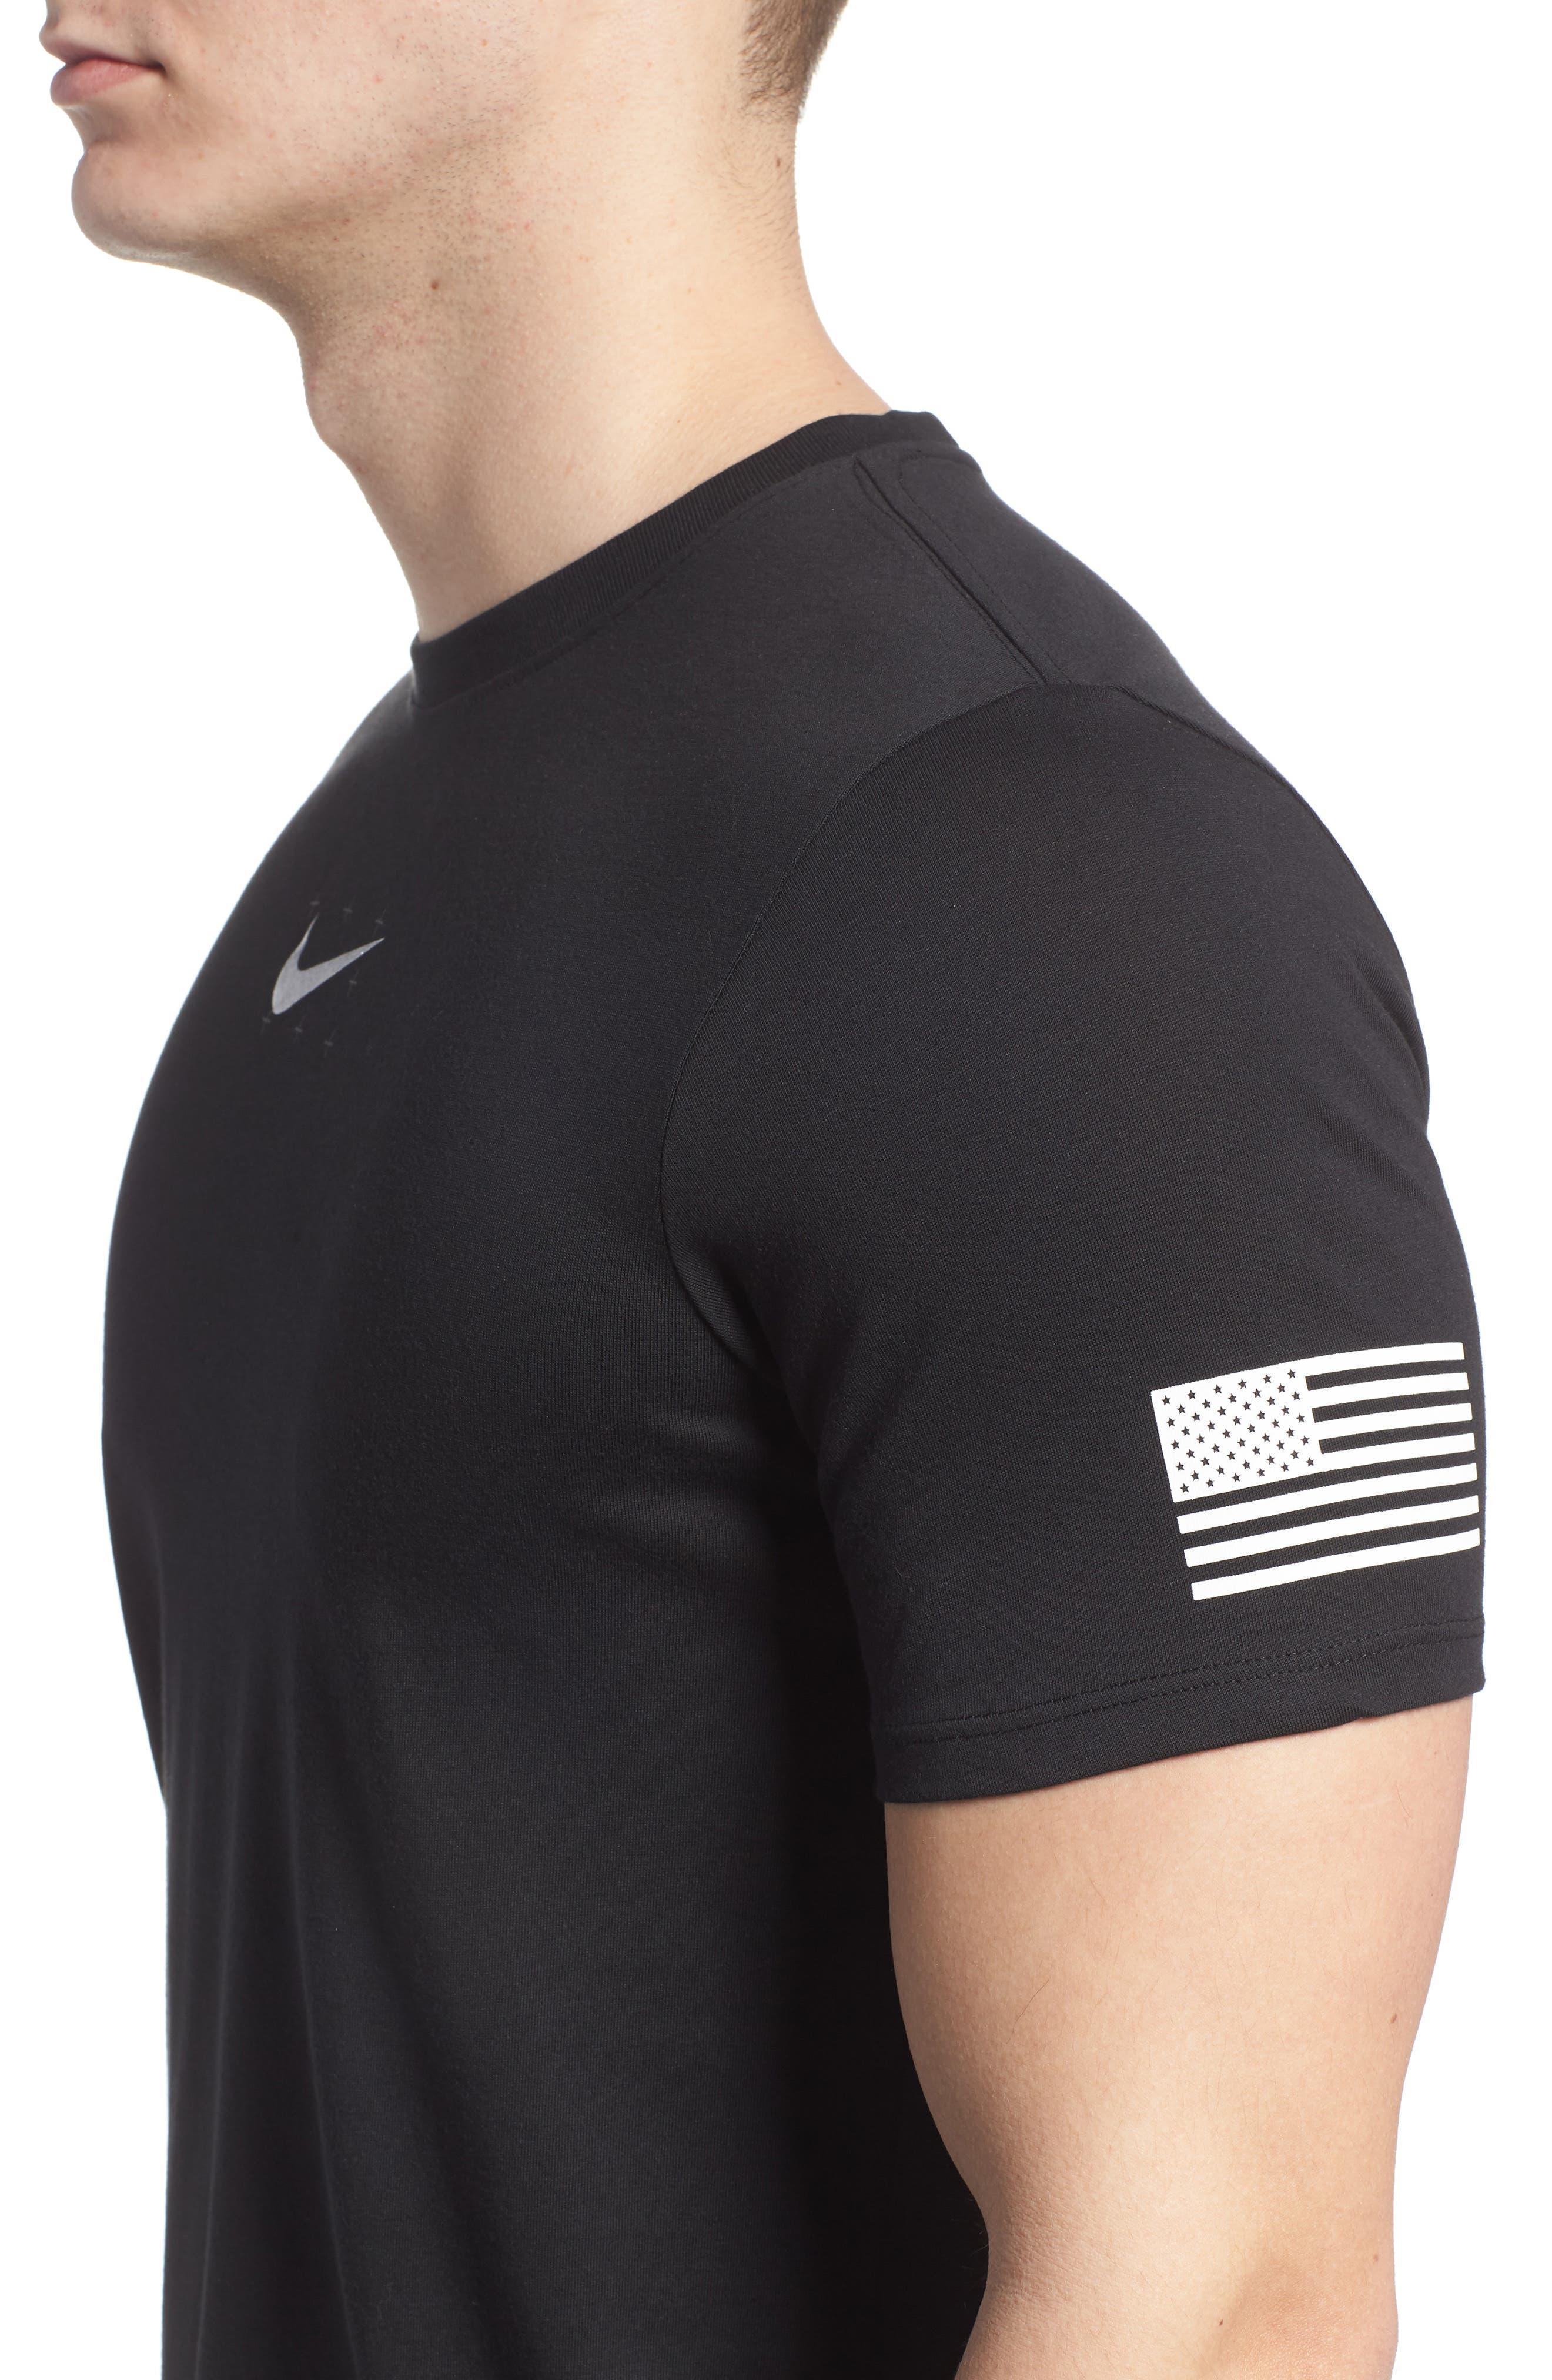 Dry Unit T-Shirt,                             Alternate thumbnail 4, color,                             Black/ Black